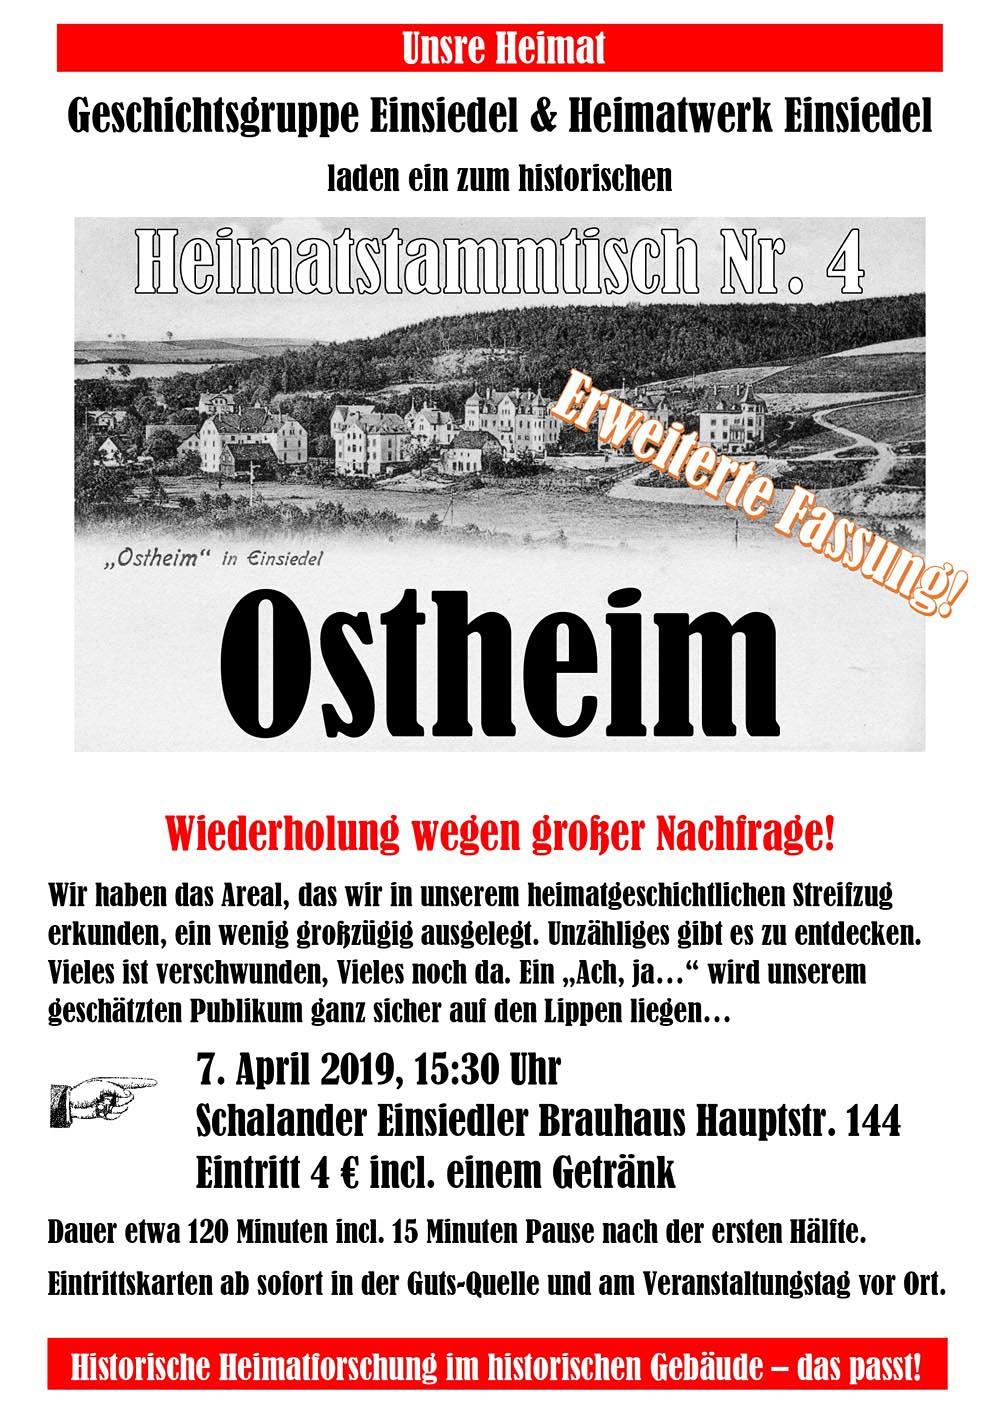 Heimatstammtisch Einsiedel Nr. 4 Ostheim am 7. April 2019 im Schalander des Einsiedler Brauhauses